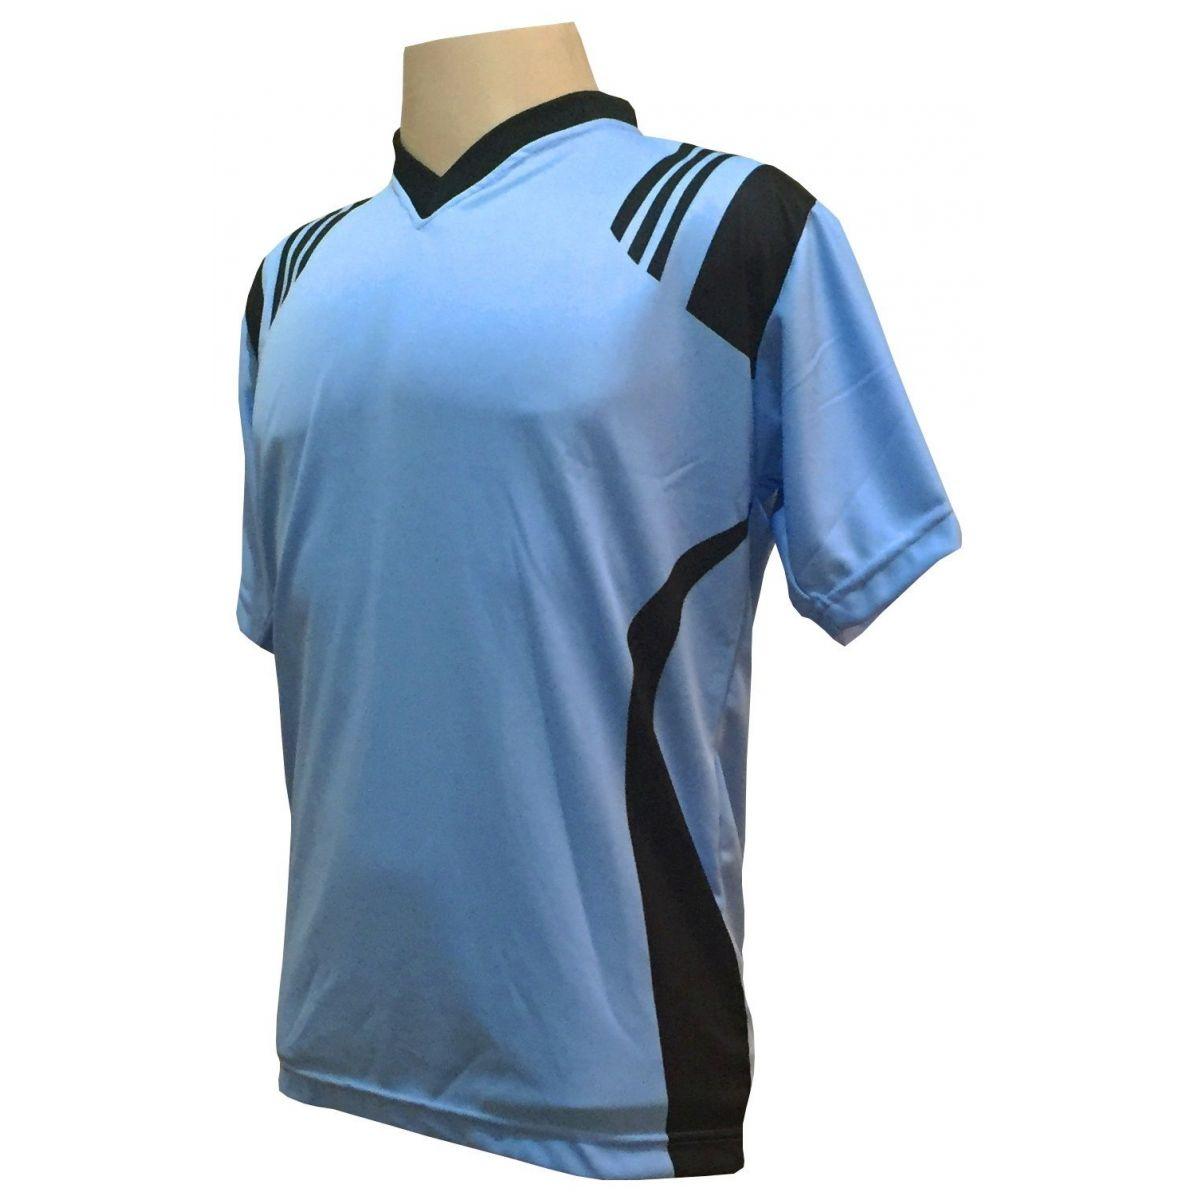 Uniforme Esportivo com 18 camisas modelo Roma Celeste/Preto + 18 calções modelo Madrid + 1 Goleiro + Brindes